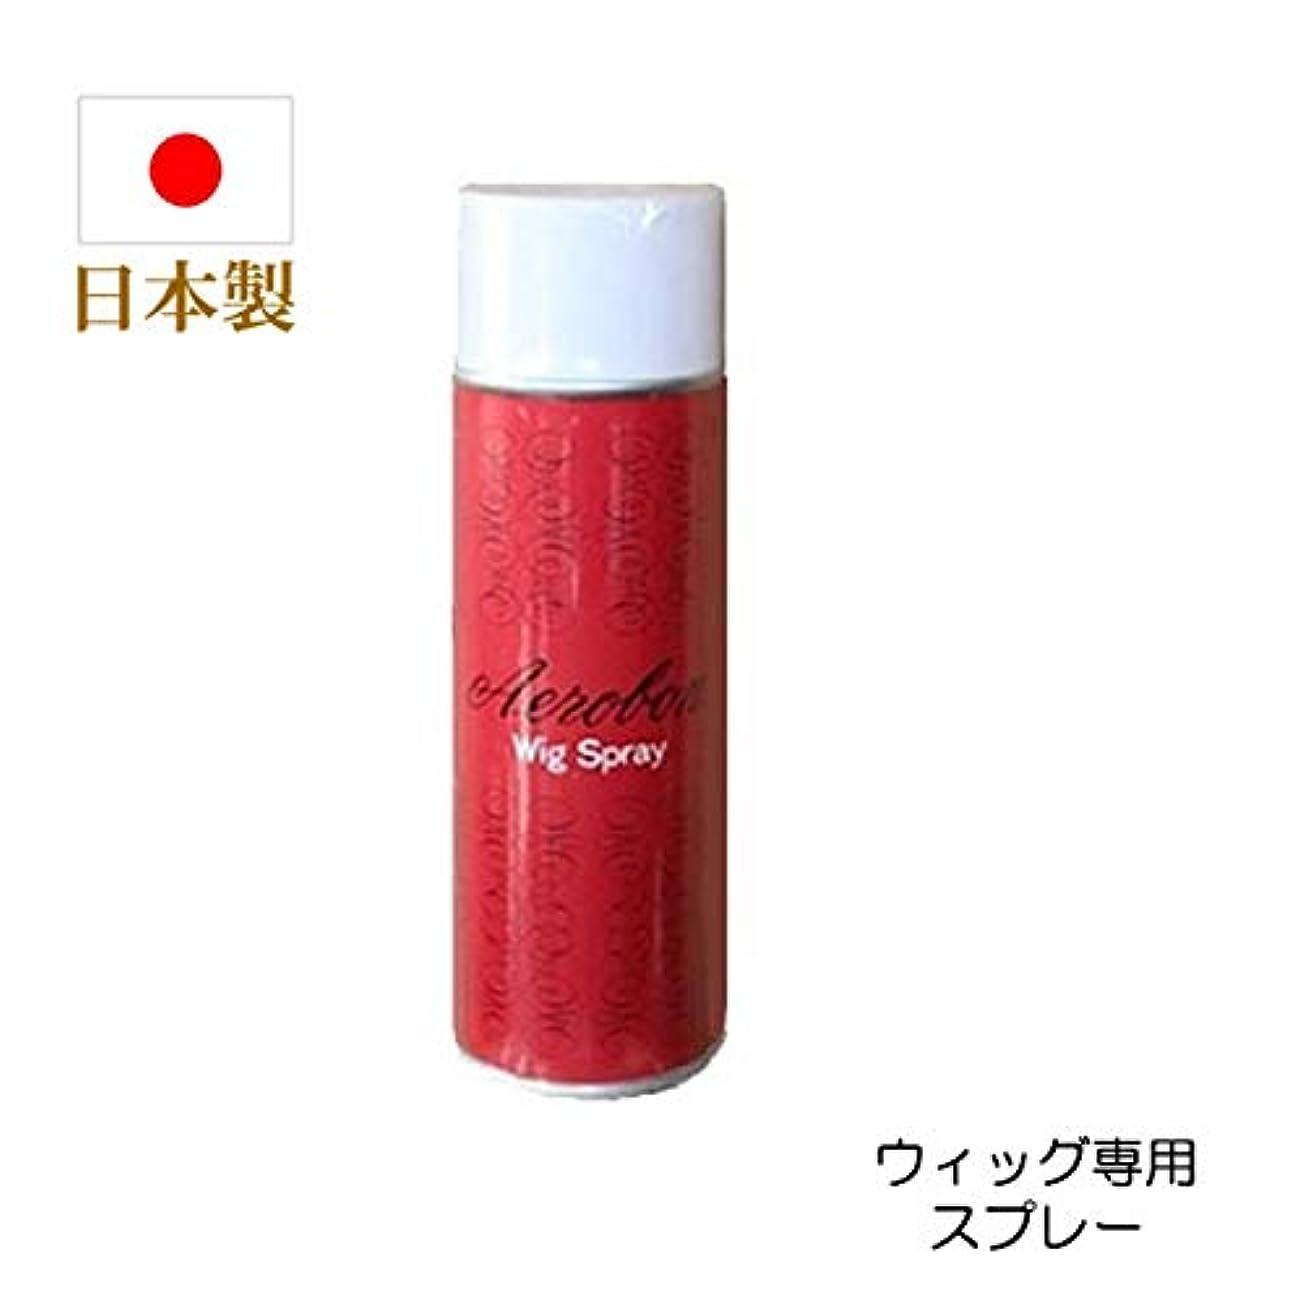 コンチネンタル侵入する支給ウィッグ用 オイル かつら エアロボン スプレー 日本製 無臭 Spray